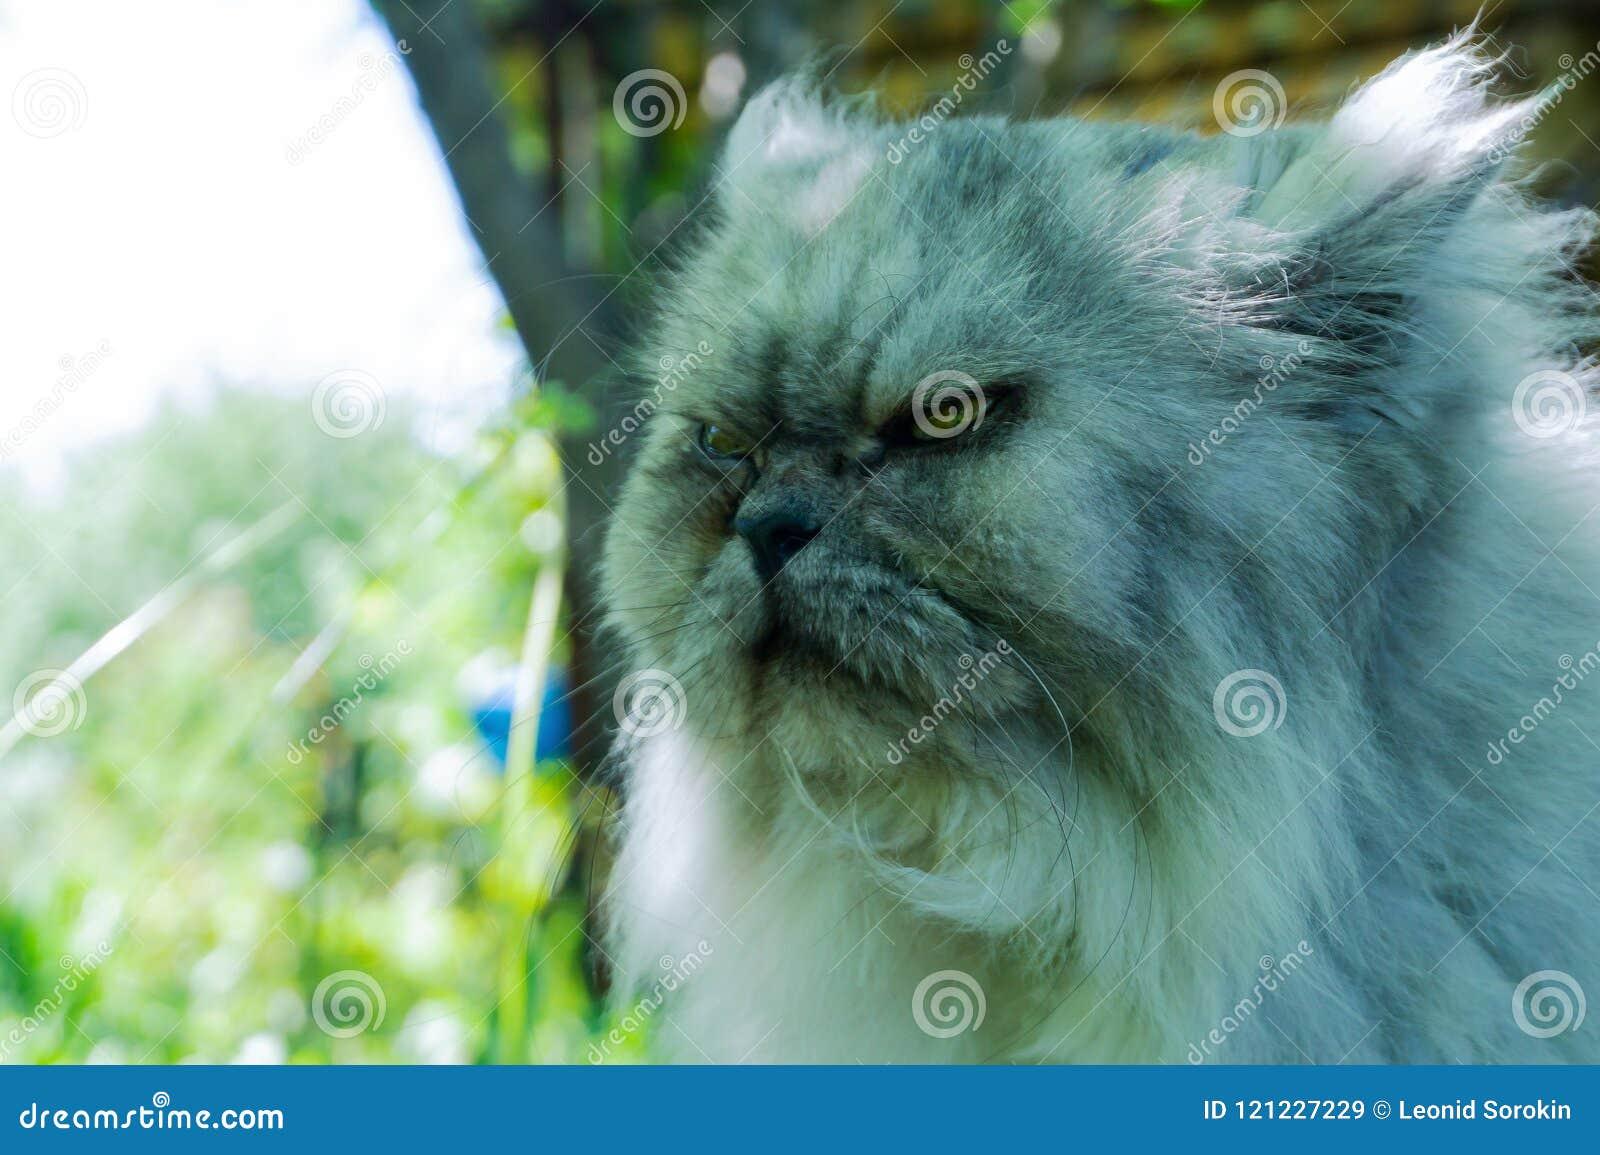 Dokuczający kot z gniewną twarzą, portret zdegustowany zwierzę domowe, zła patrzeć